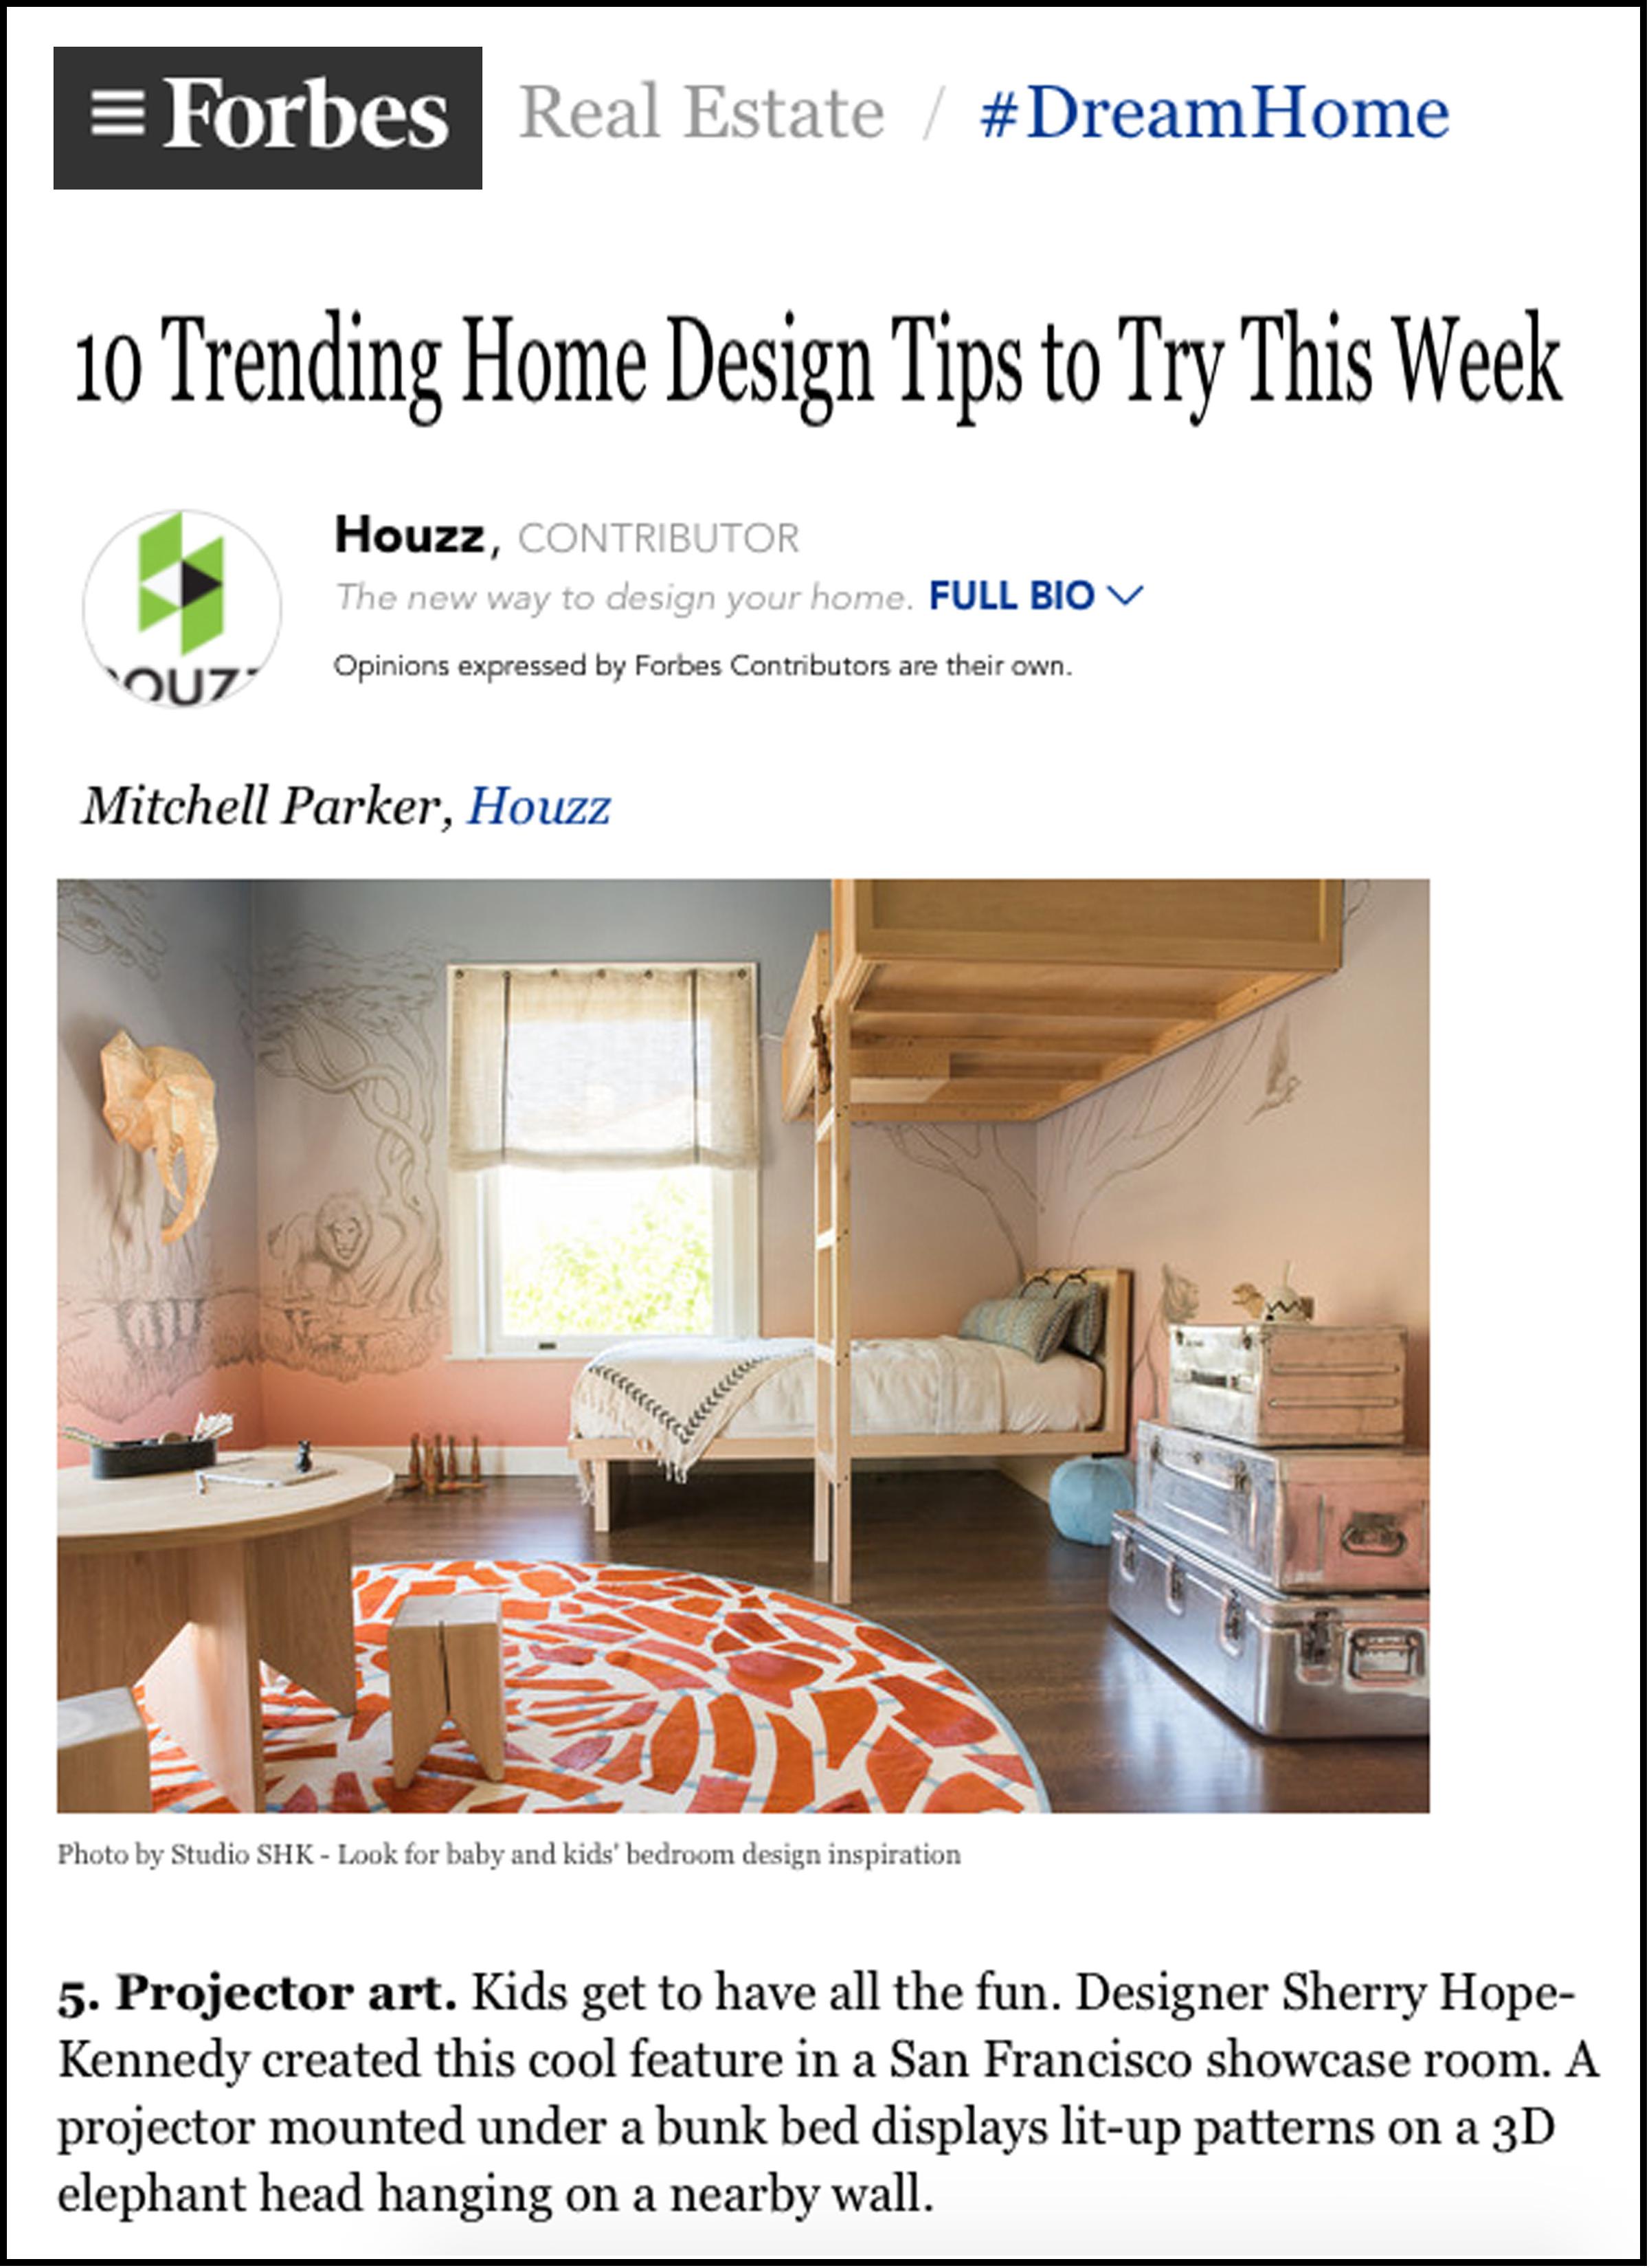 Forbes - Forbes.com picks-up Houzz's